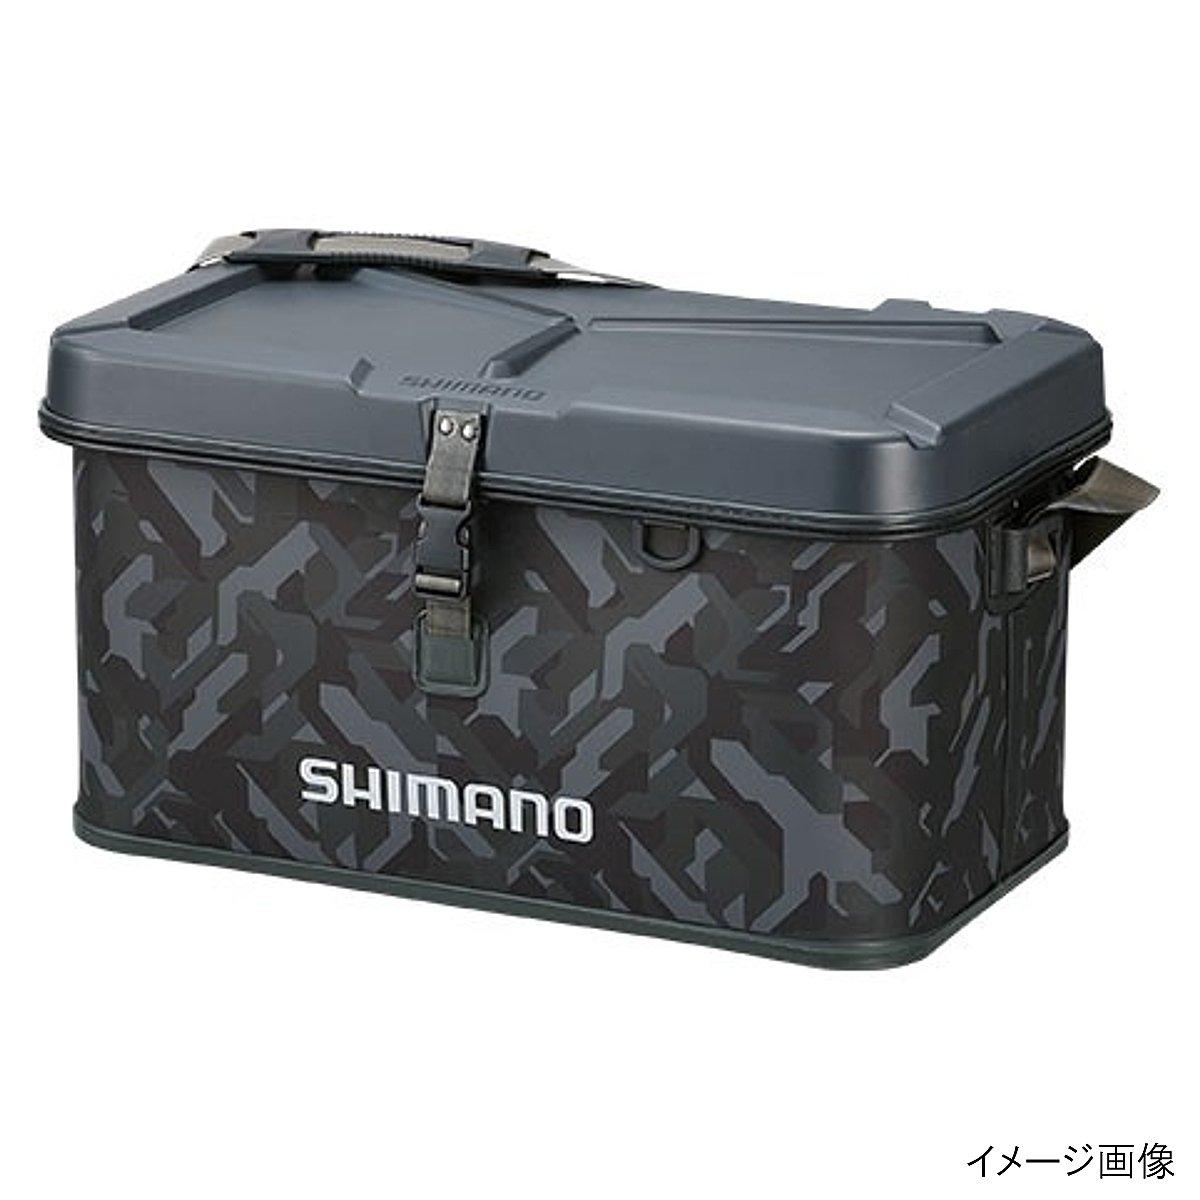 シマノ(SHIMANO) タックルバッグ EVA(ハードタイプ)釣り ウェーブカモ 32L BK-002Q   B01N9ZNPG7